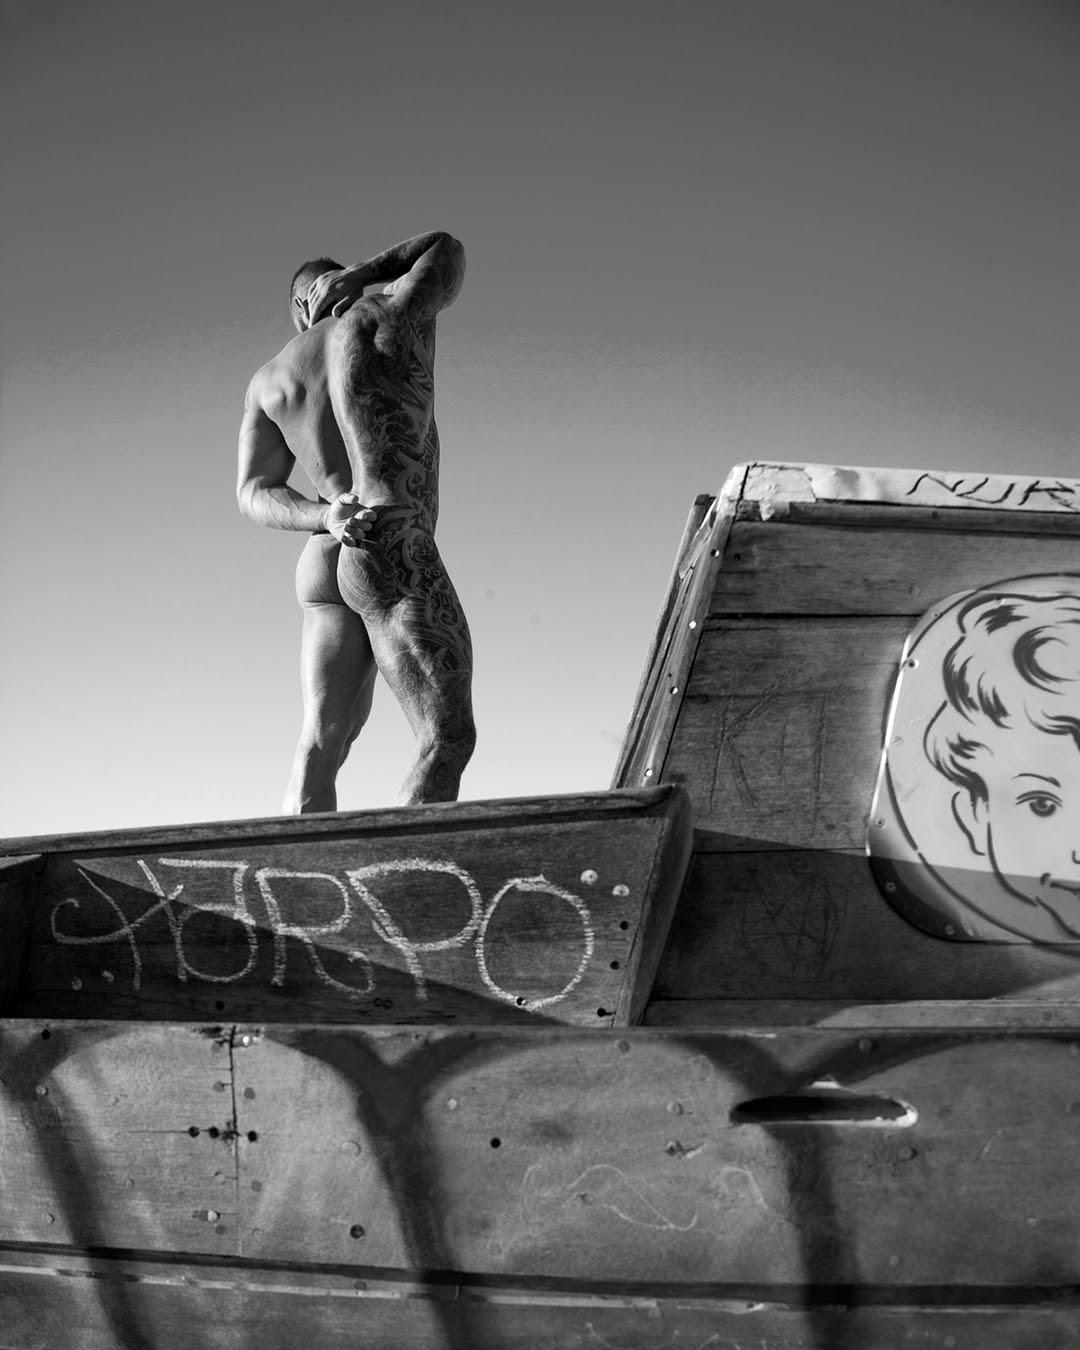 TankJoeY (III), by David Gzimmerman ft TankJoey.